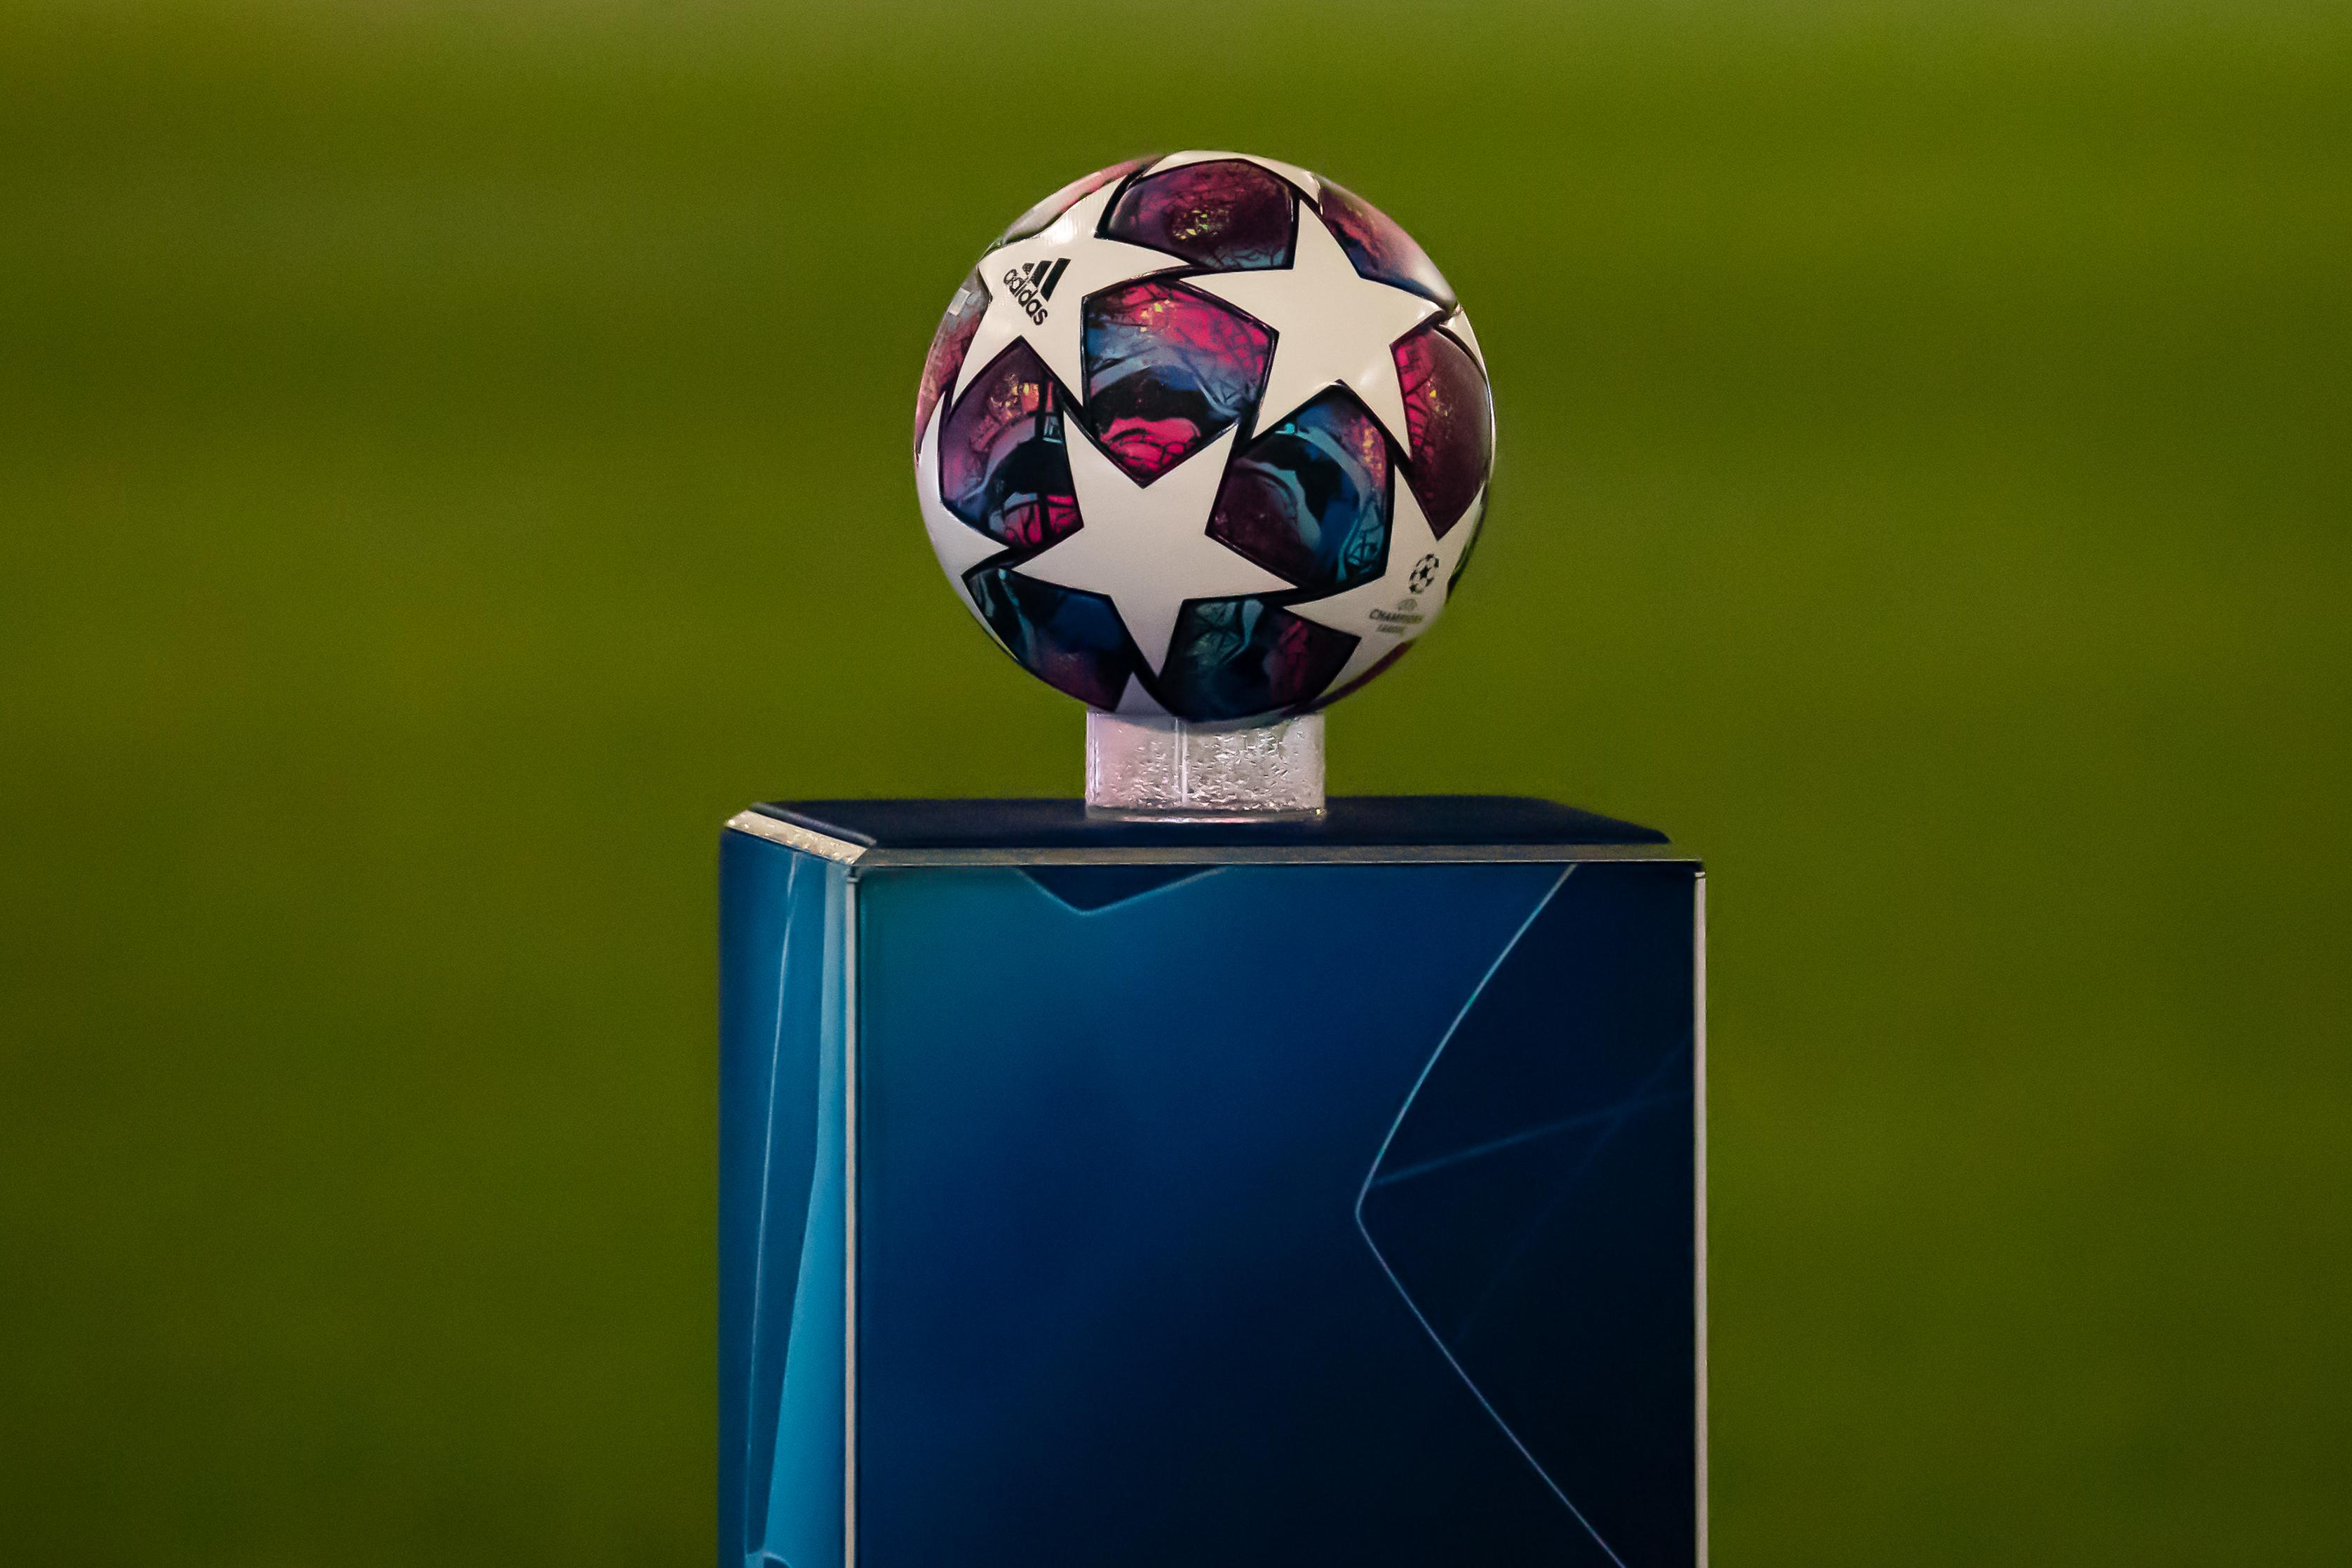 La Ligue 1: condamnée à être le Petit Poucet des 5 grands championnats?